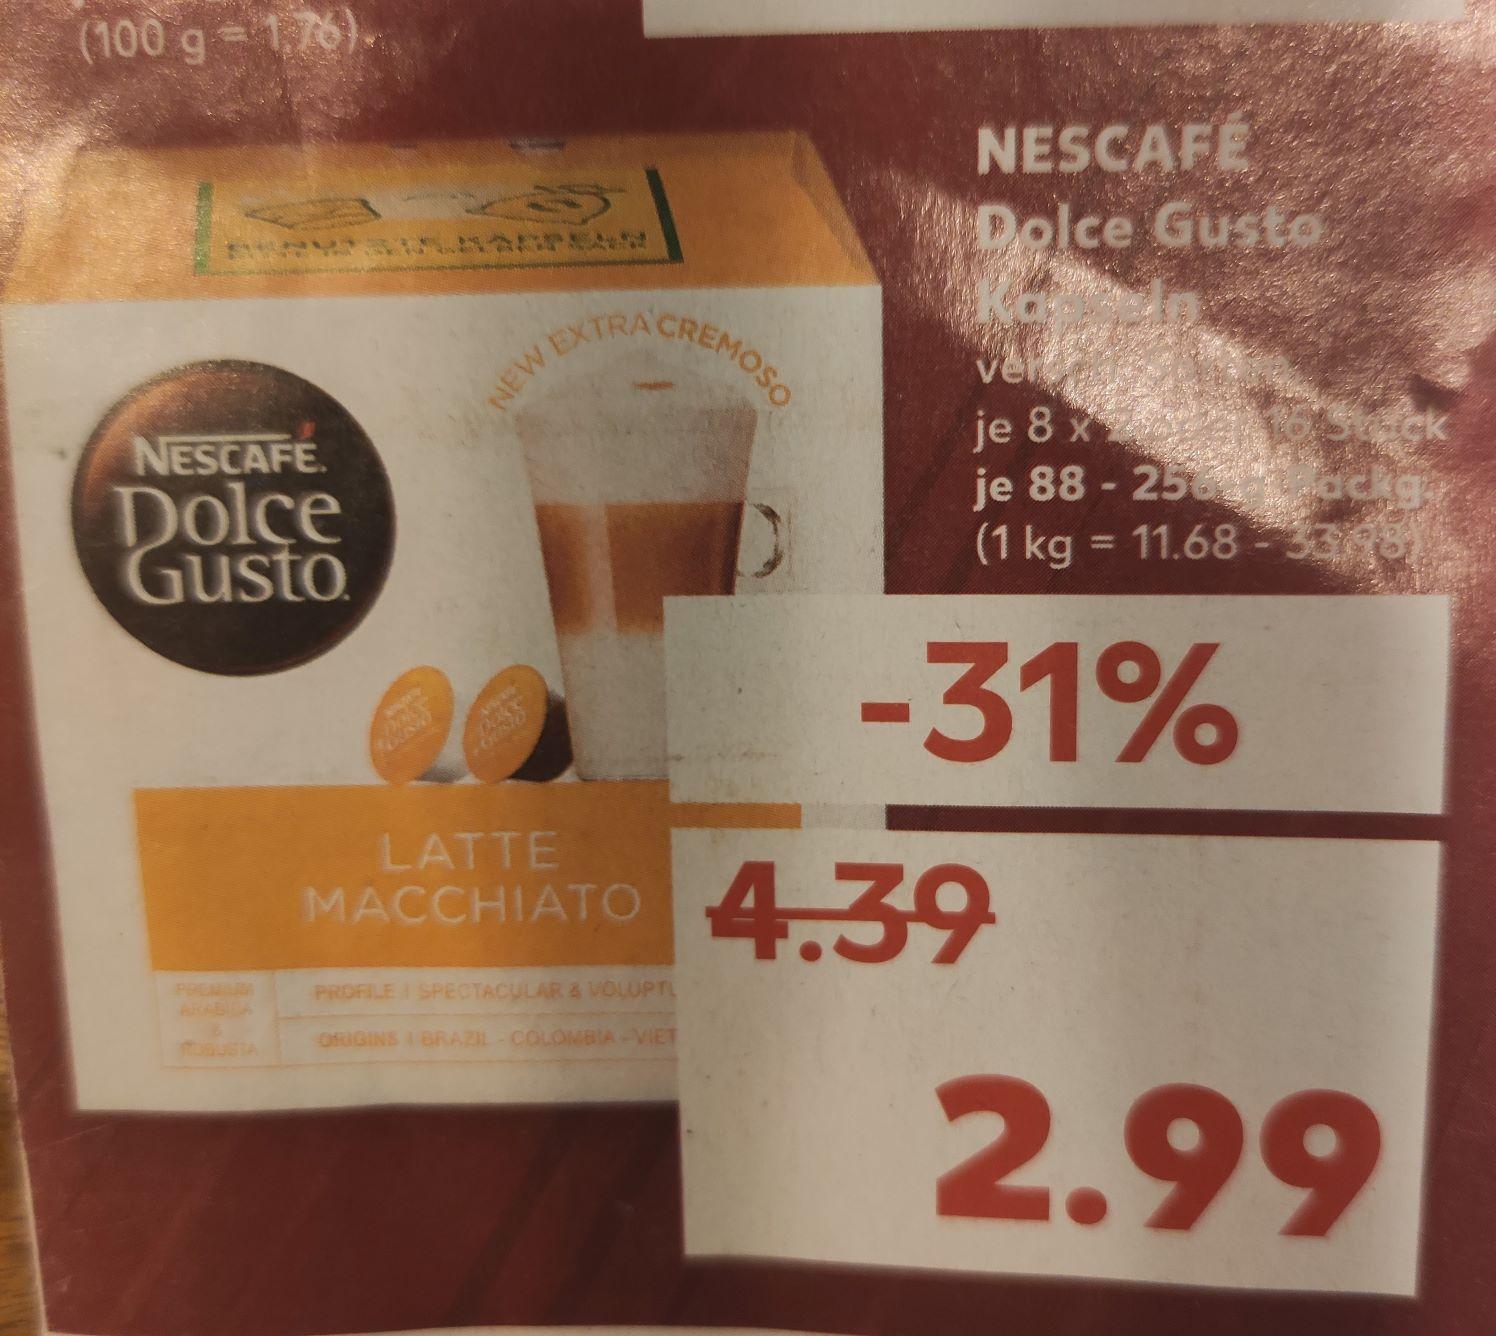 (Lokal Kaufland AC) Nescafe Dolce Gusto Kapseln 3 Packungen für 3,97€ möglich